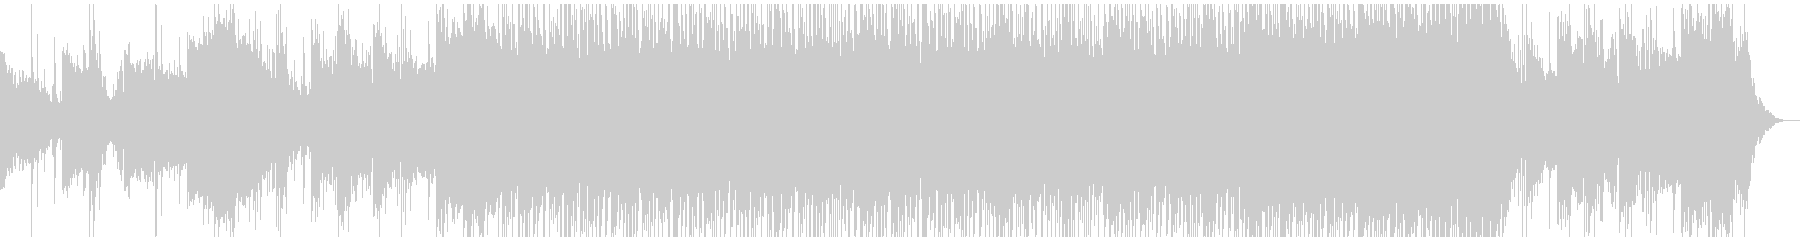 ド迫力な和風エピックBGMの未再生の波形